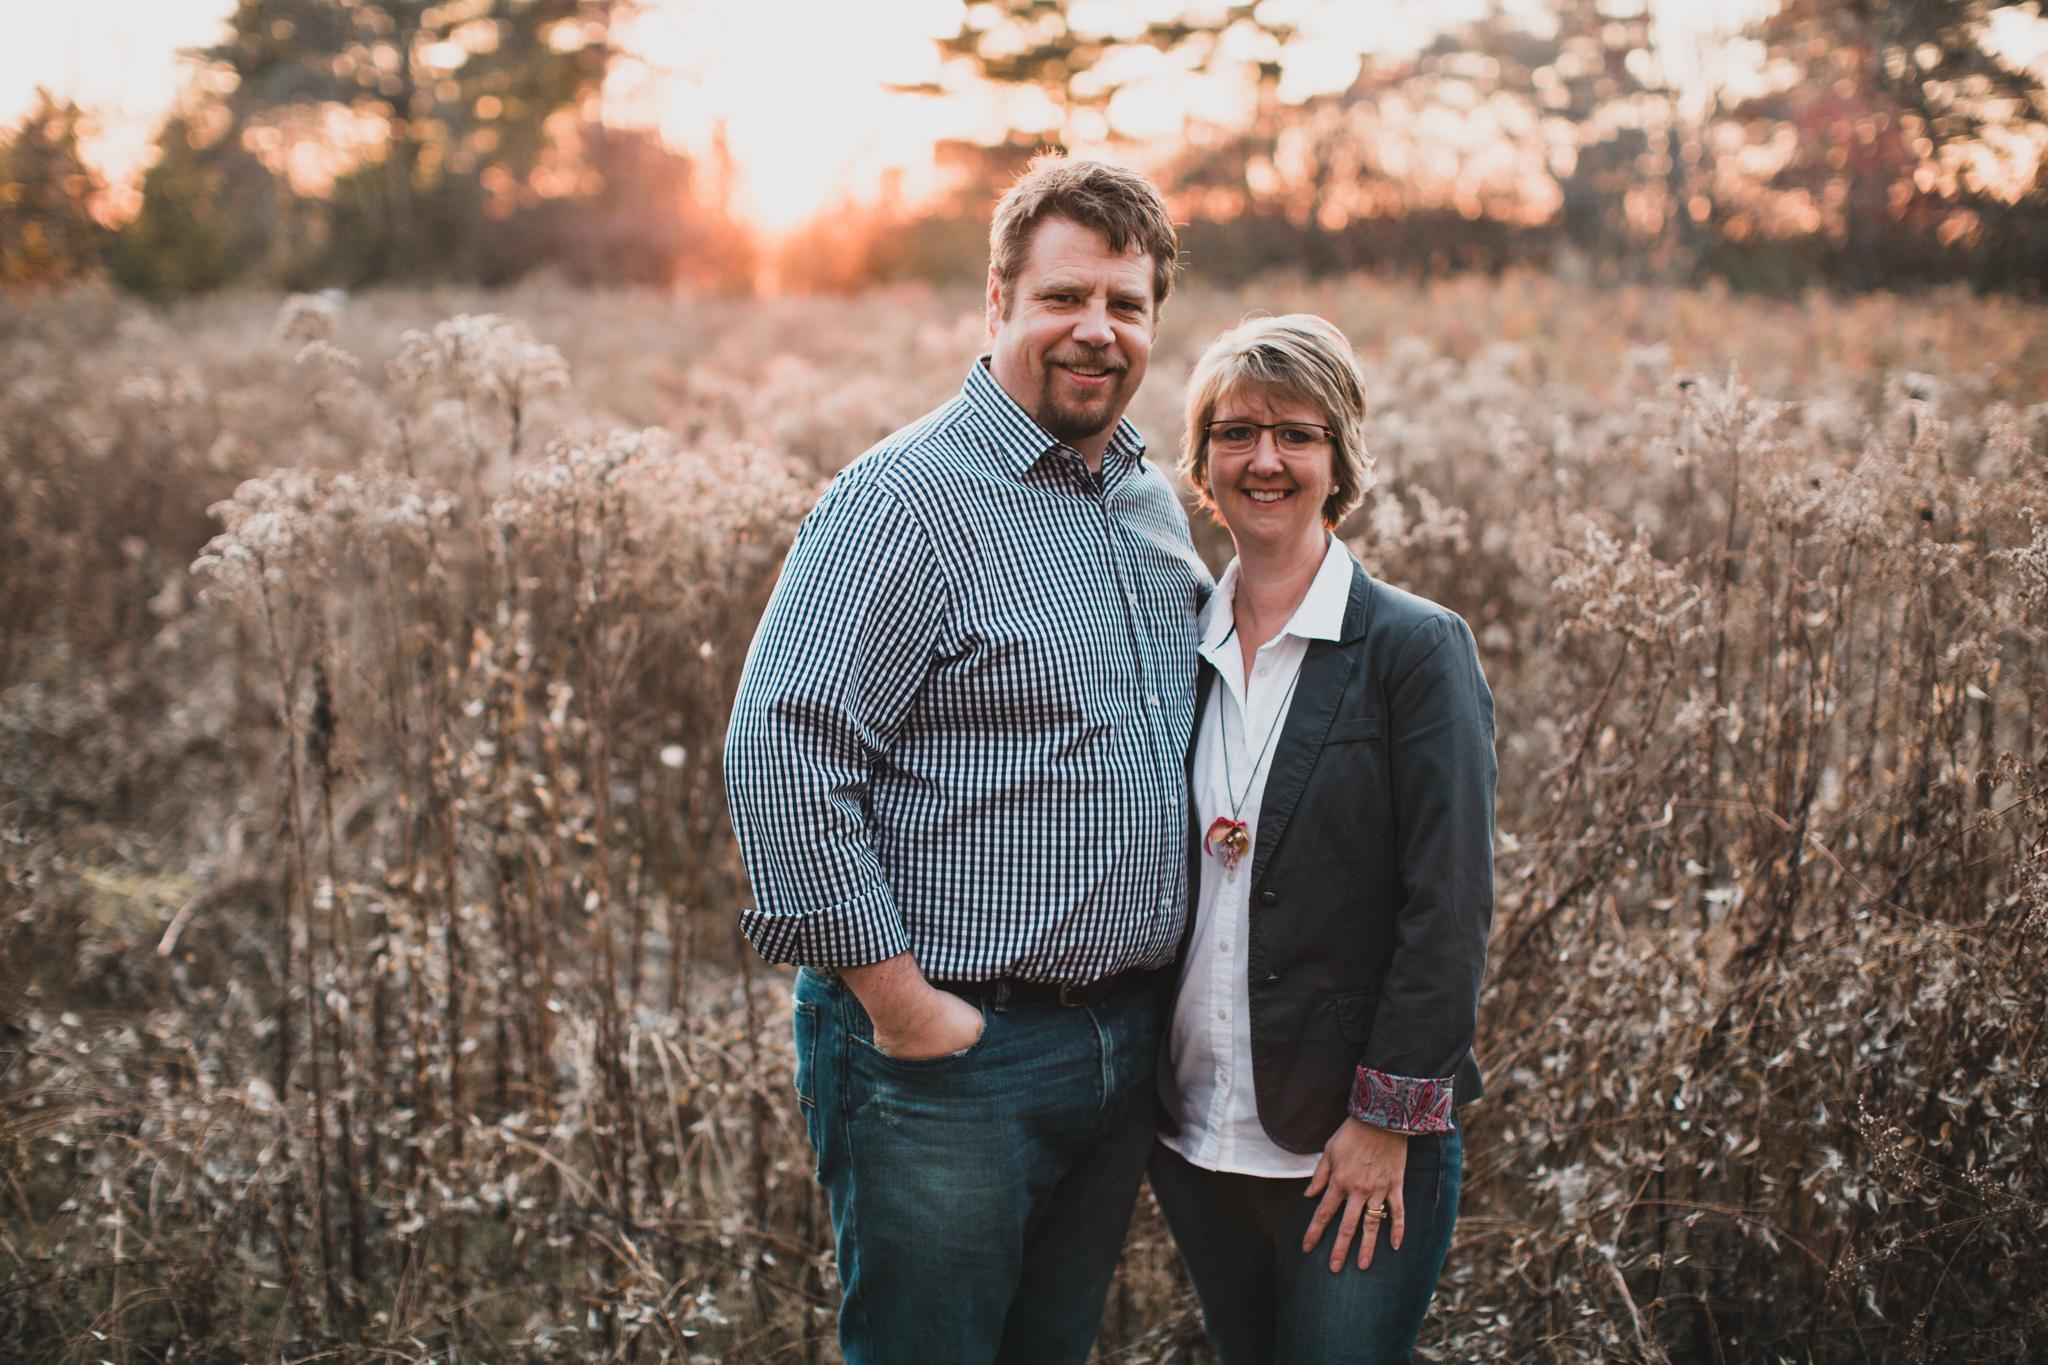 Family photos, Mom & Dad Portraits